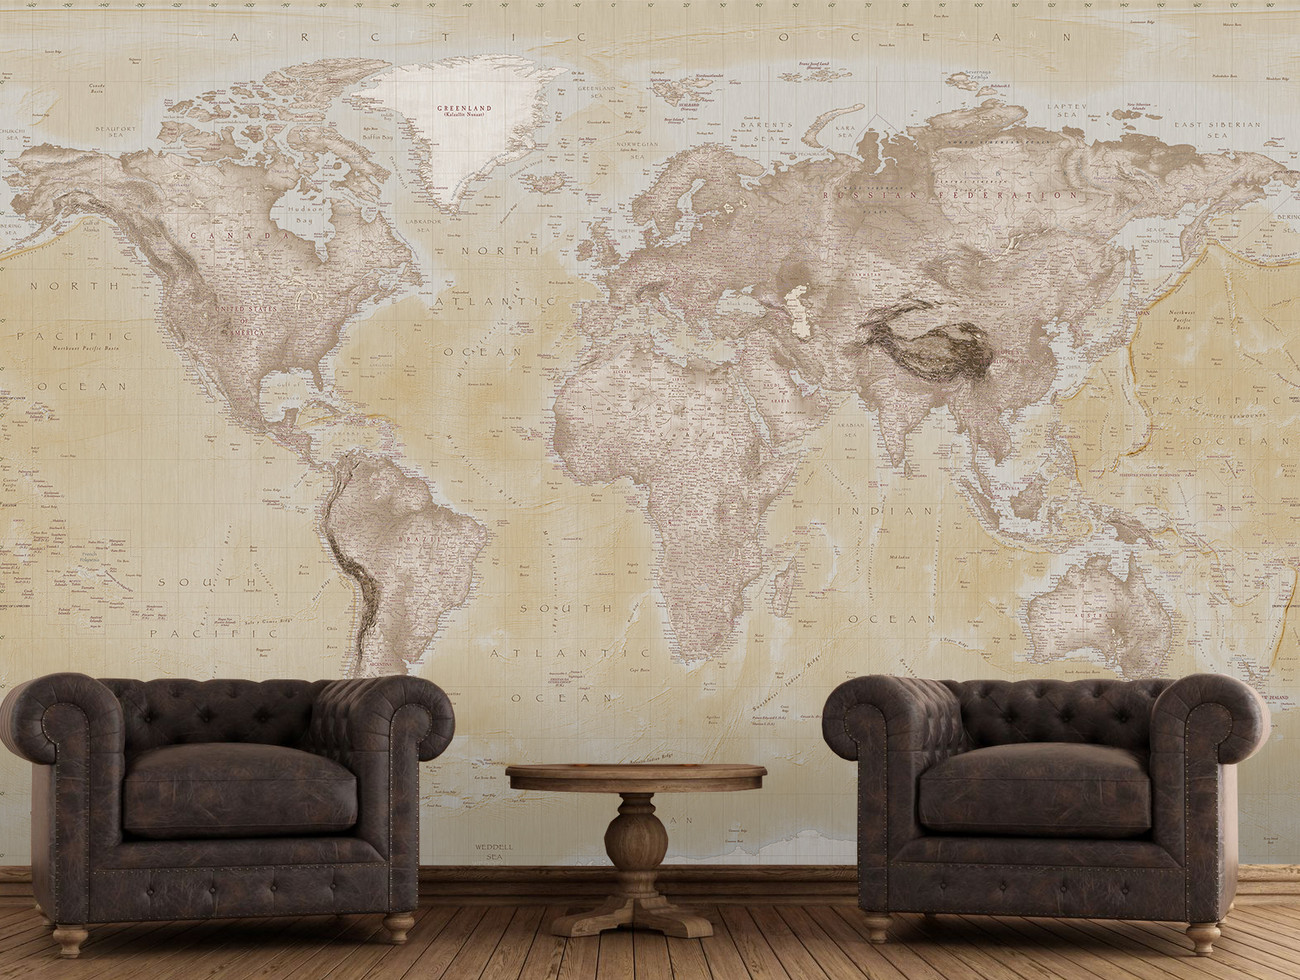 fototapete tapete karte von welt weltkarte neutral bei europosters kostenloser versand. Black Bedroom Furniture Sets. Home Design Ideas